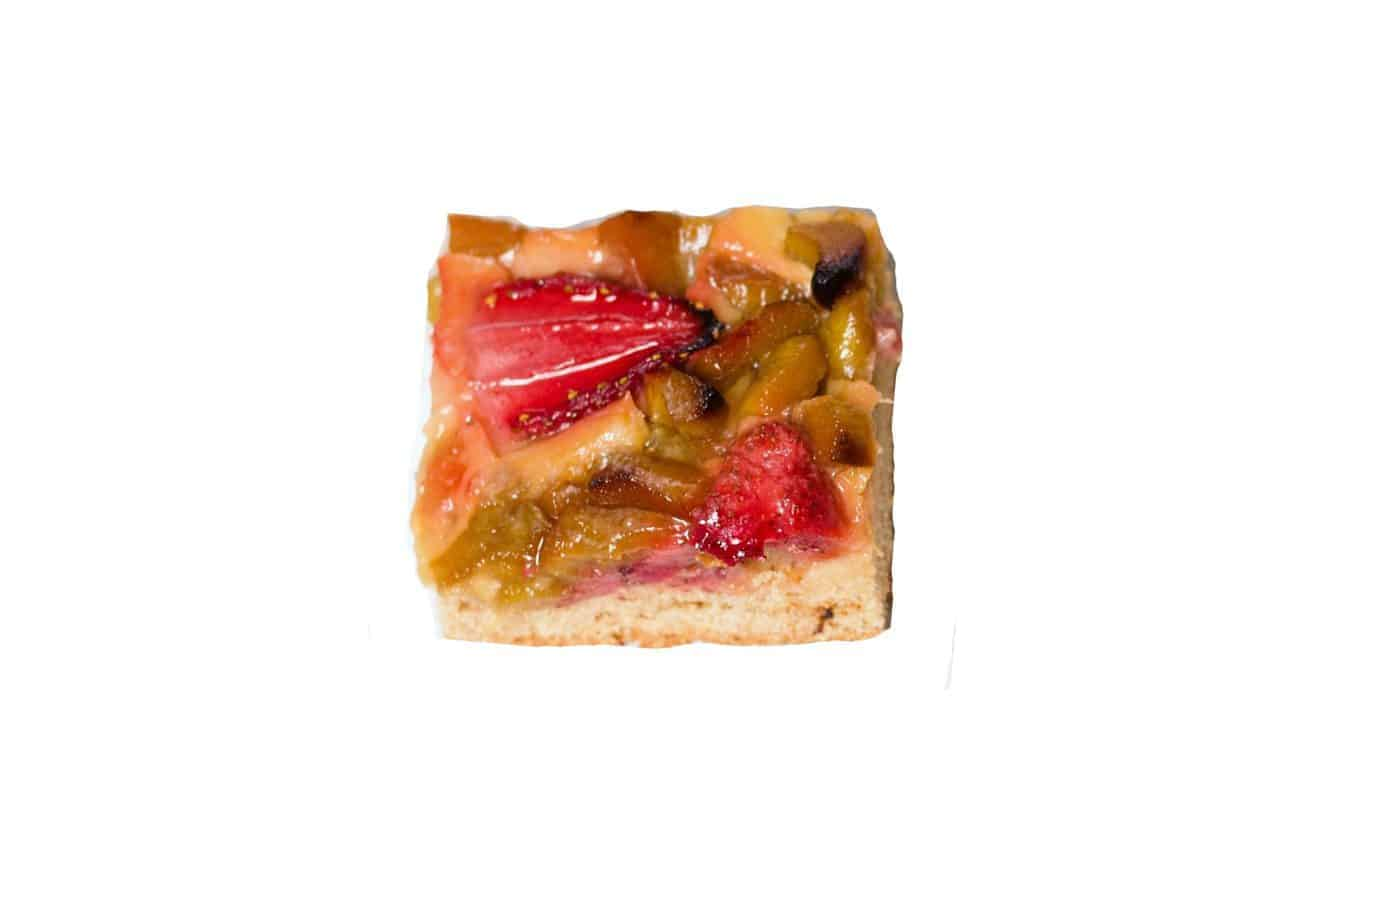 Rhabarber-/Erdbeer Blechkuchen